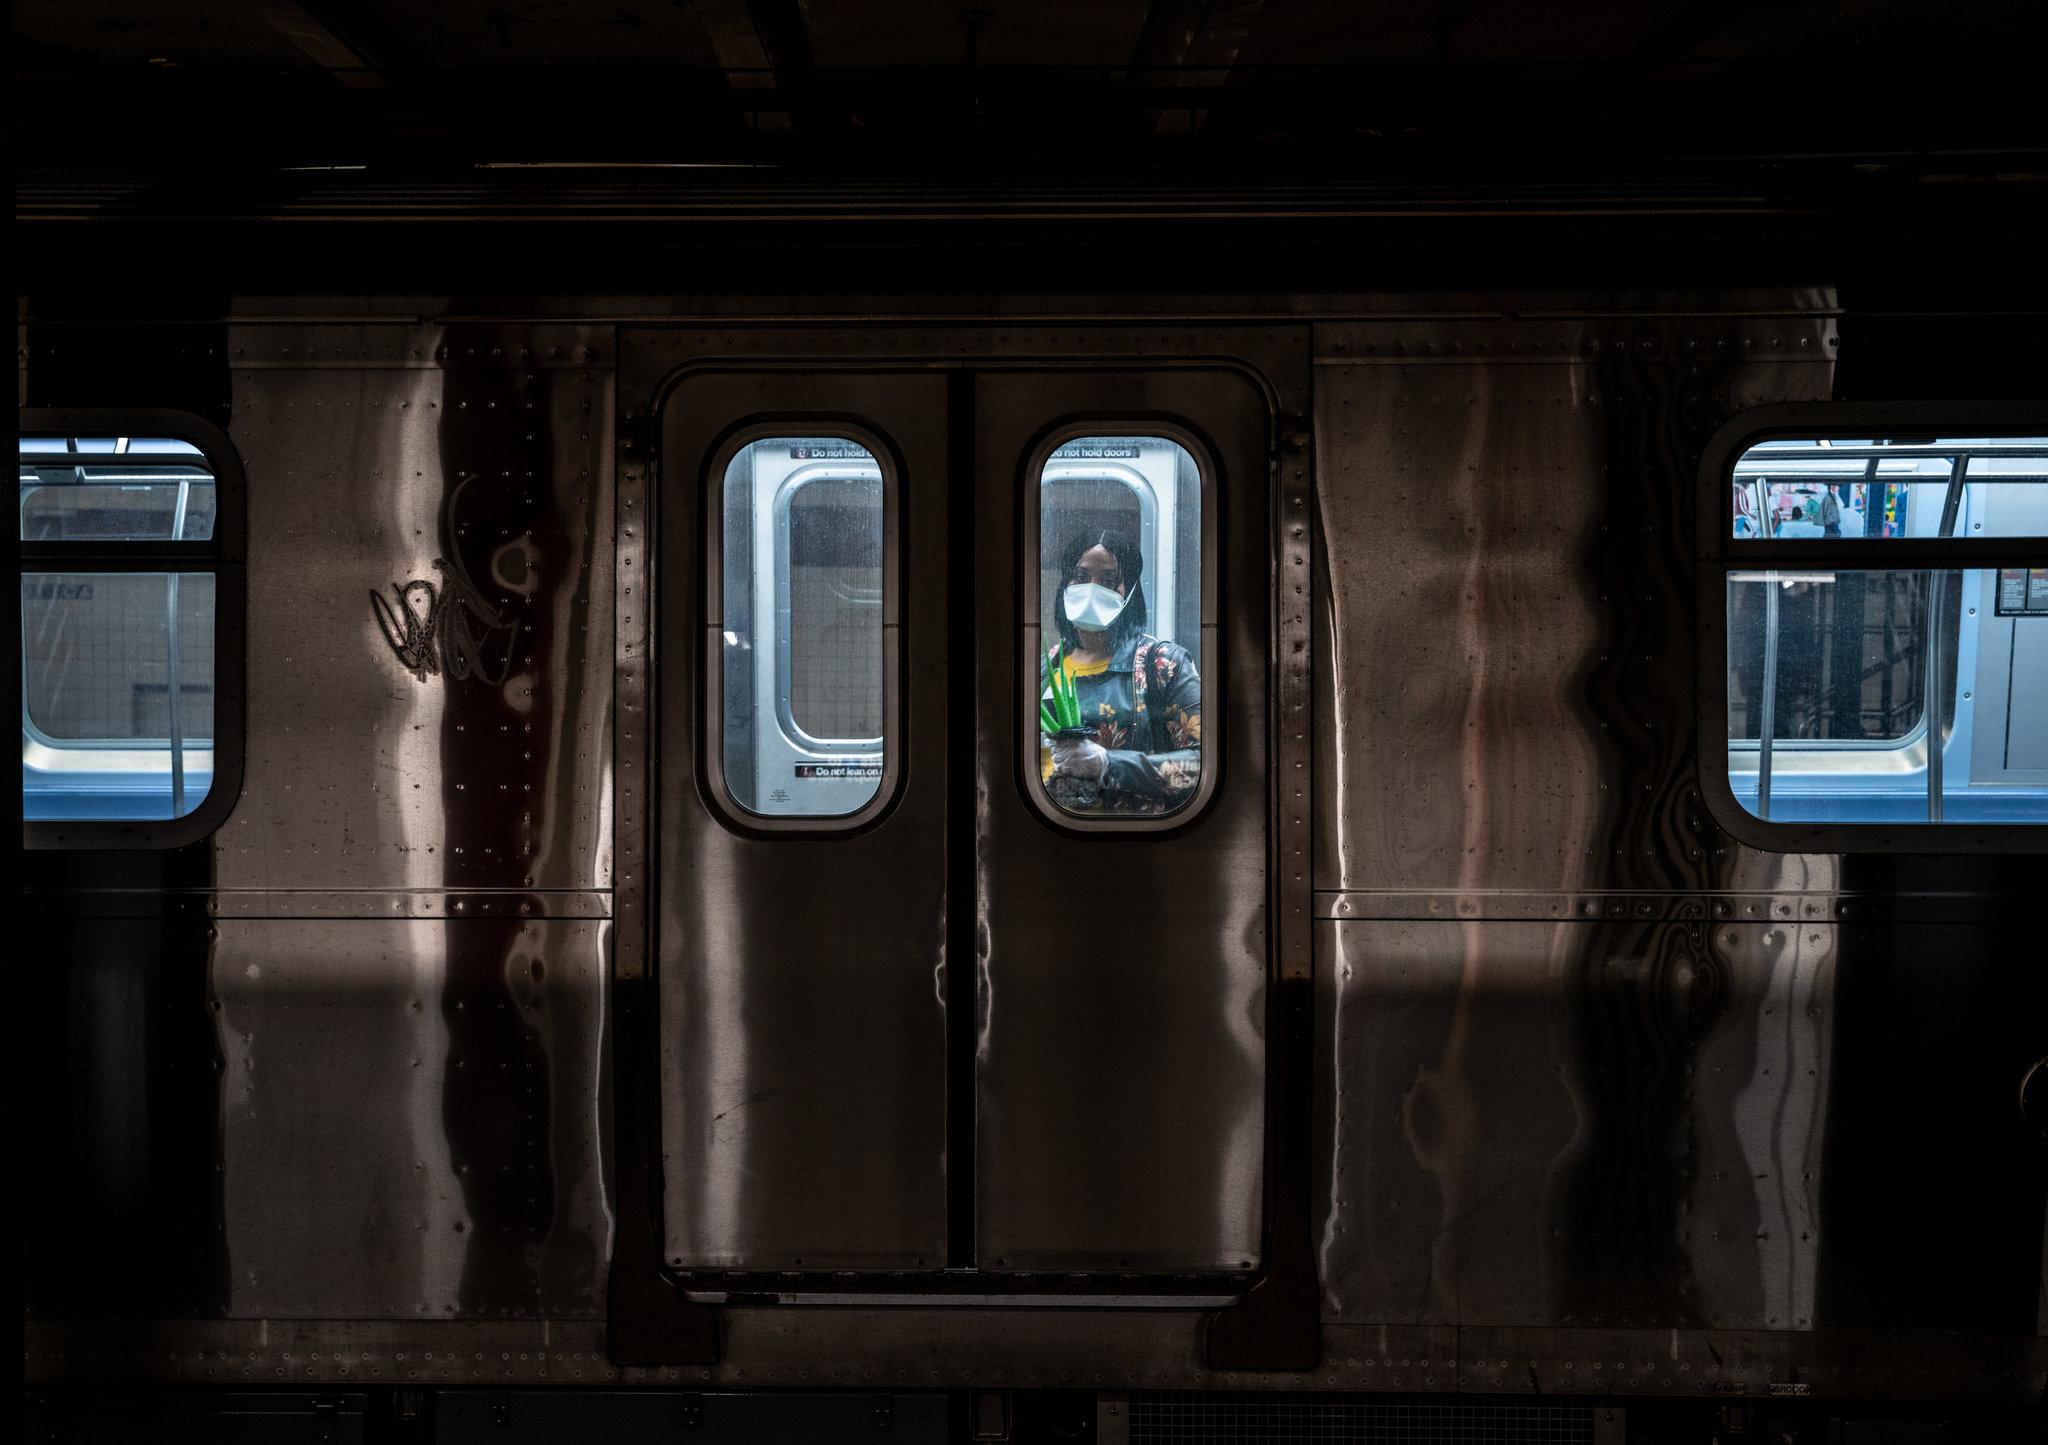 Nhà ga đại lộ Utica ở Crown Heights, Brooklyn. Covid-19 đã cướp đi hàng trăm mạng sống trong chưa đầy một tháng sau khi New York xác nhận trường hợp dương tính đầu tiên. Những tuần tới tình hình còn nghiệt ngã hơn bởi những ca dương tính và tử vong vẫn tăng liên tục từng giờ.